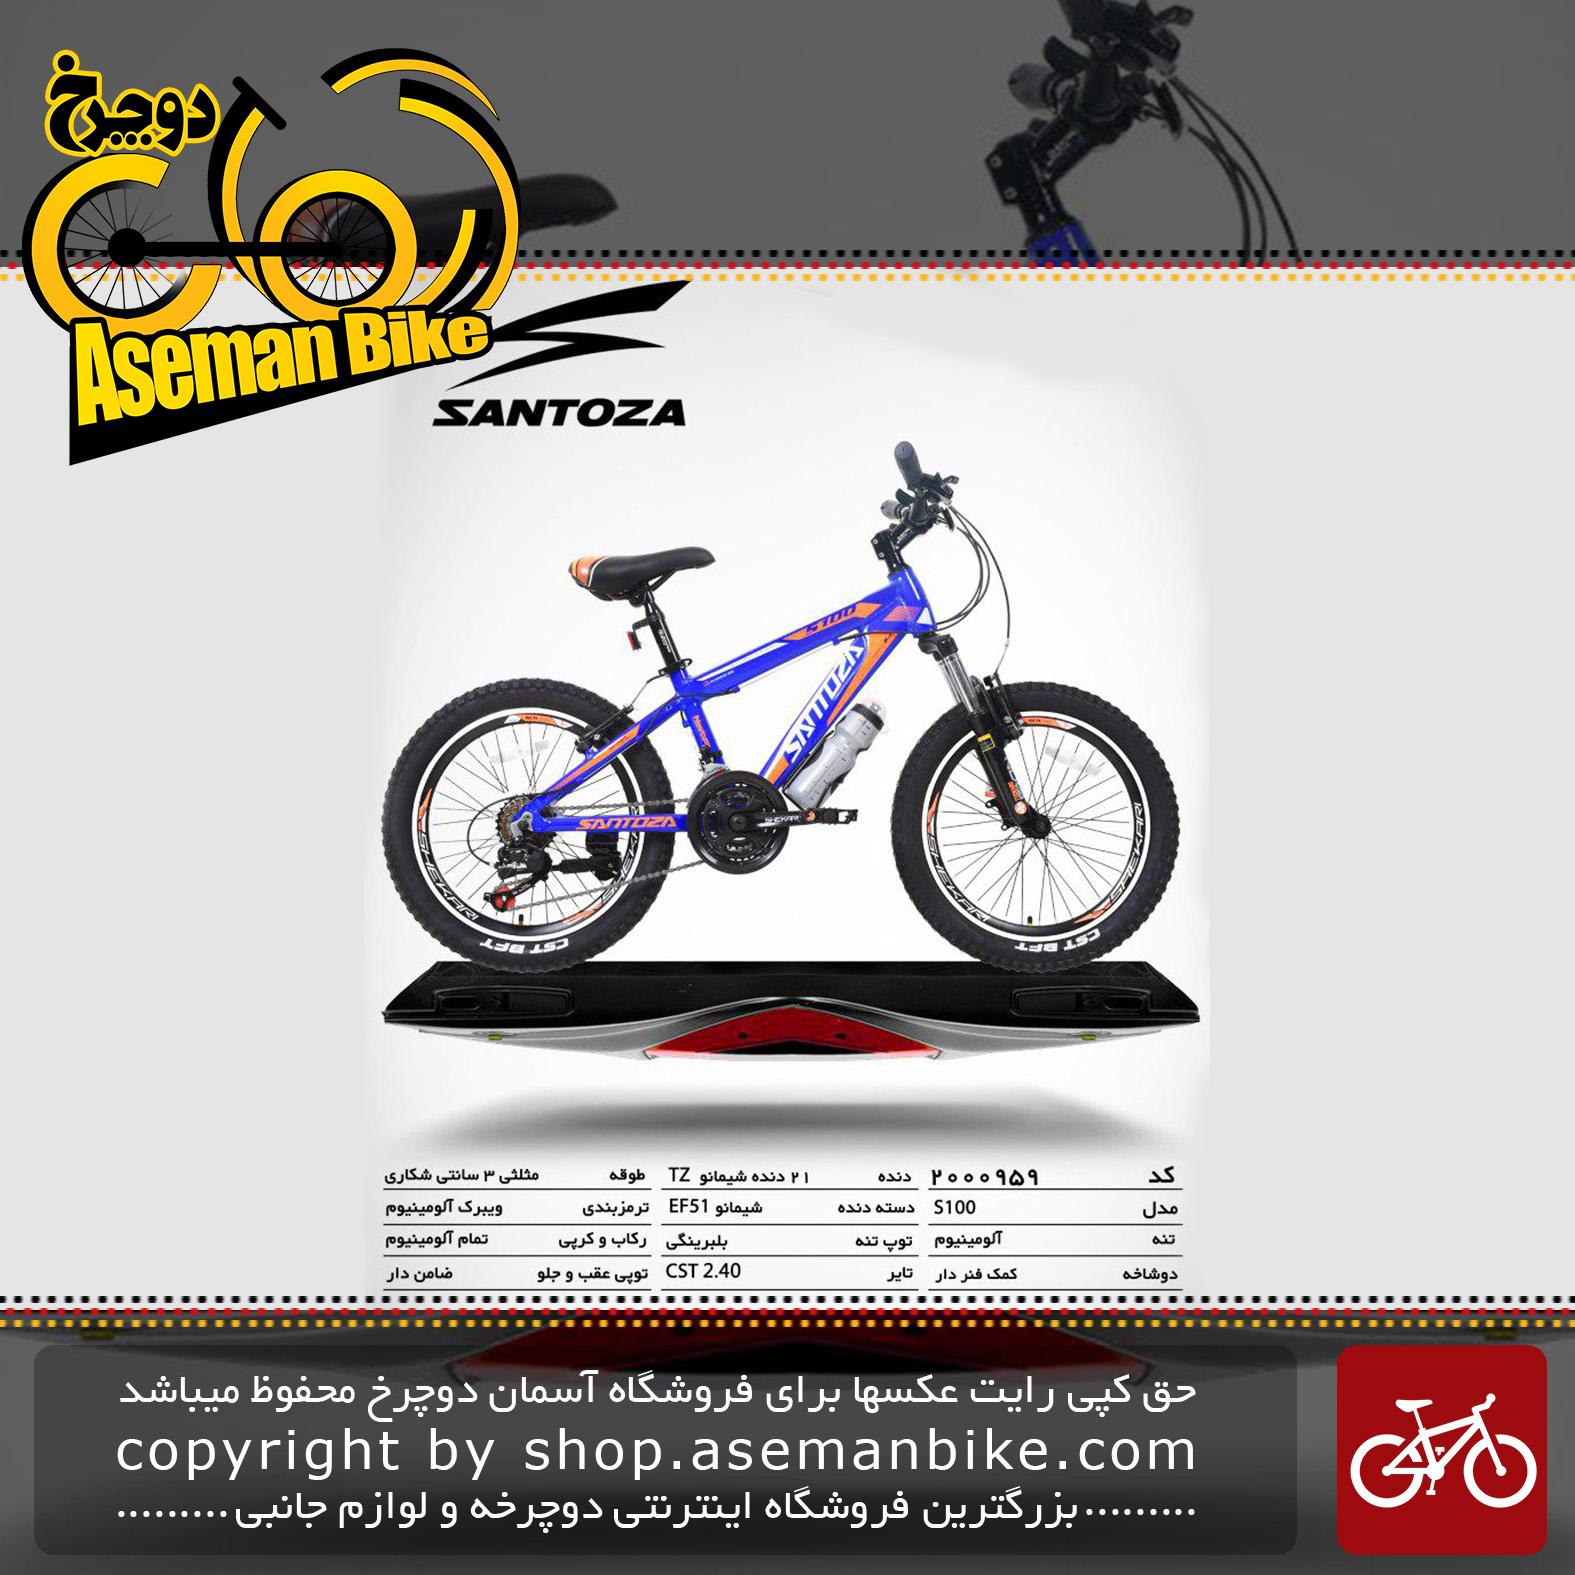 دوچرخه کوهستان سانتوزا 21 دنده شیمانو تورنی تنه آلمینیوم سایز 20 مدل اس100 santoza bicycle 20 21 speed shimano tourney tz aluminum vb s100 2019